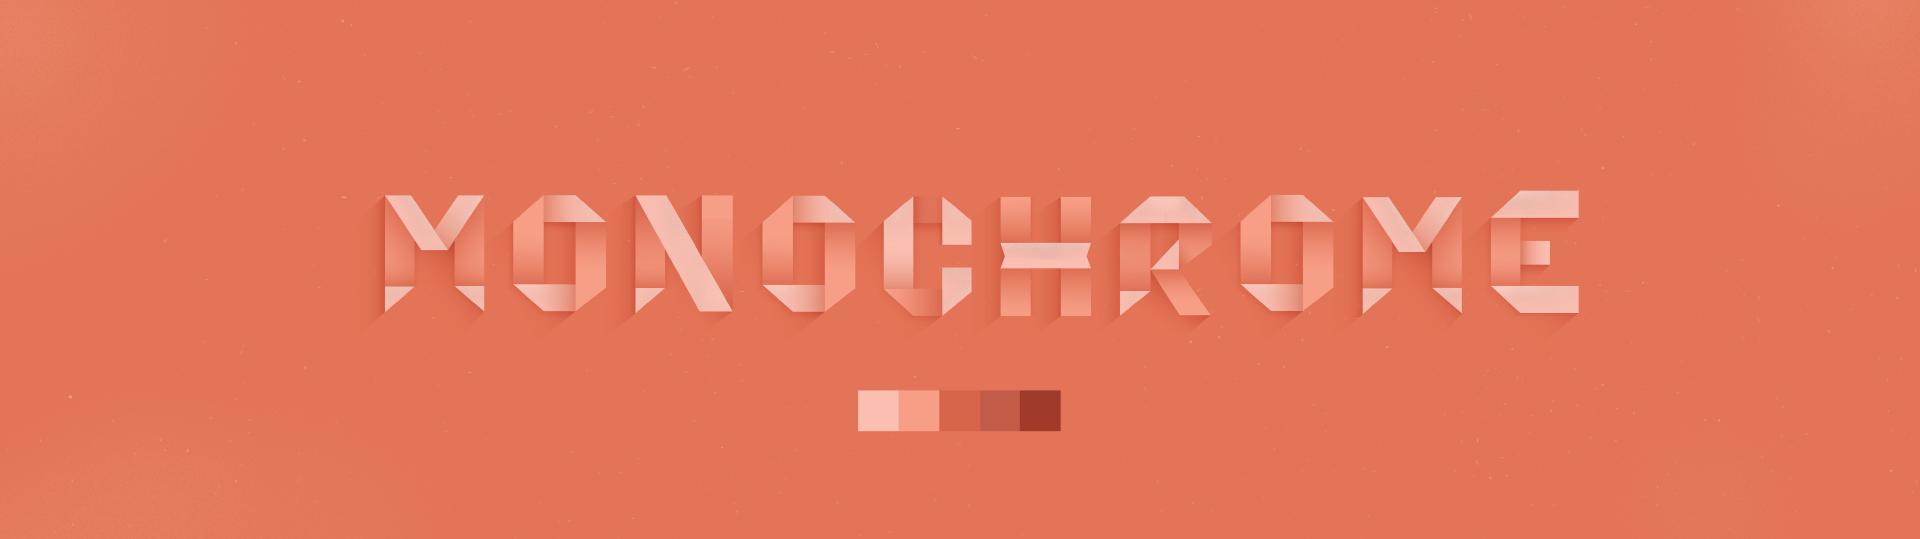 Monochromatic-Color-01